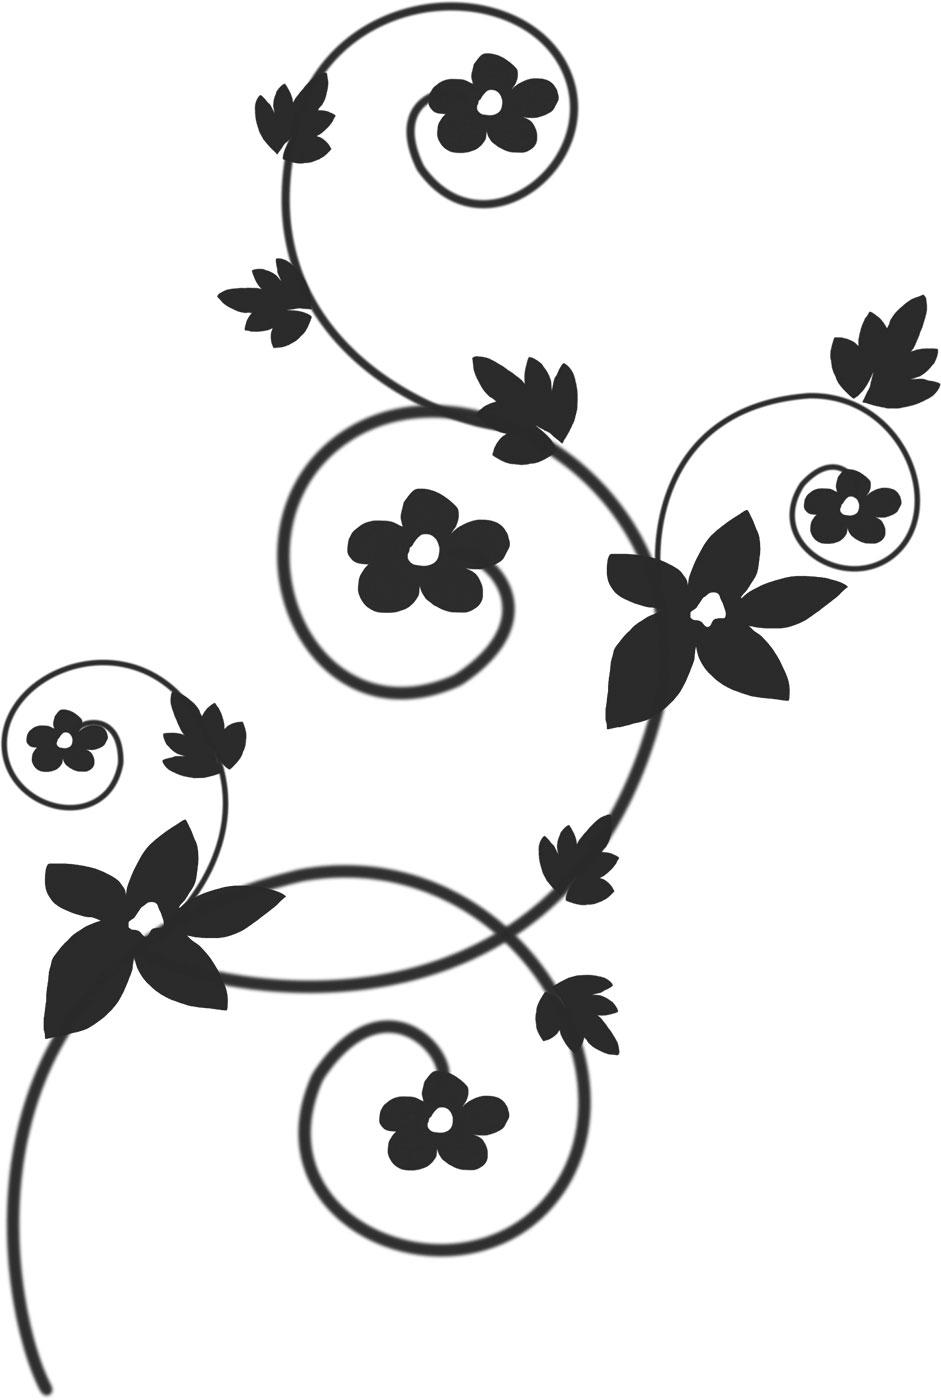 花のイラスト・フリー素材/白黒・モノクロno.553『白黒・蔓葉・内巻き』